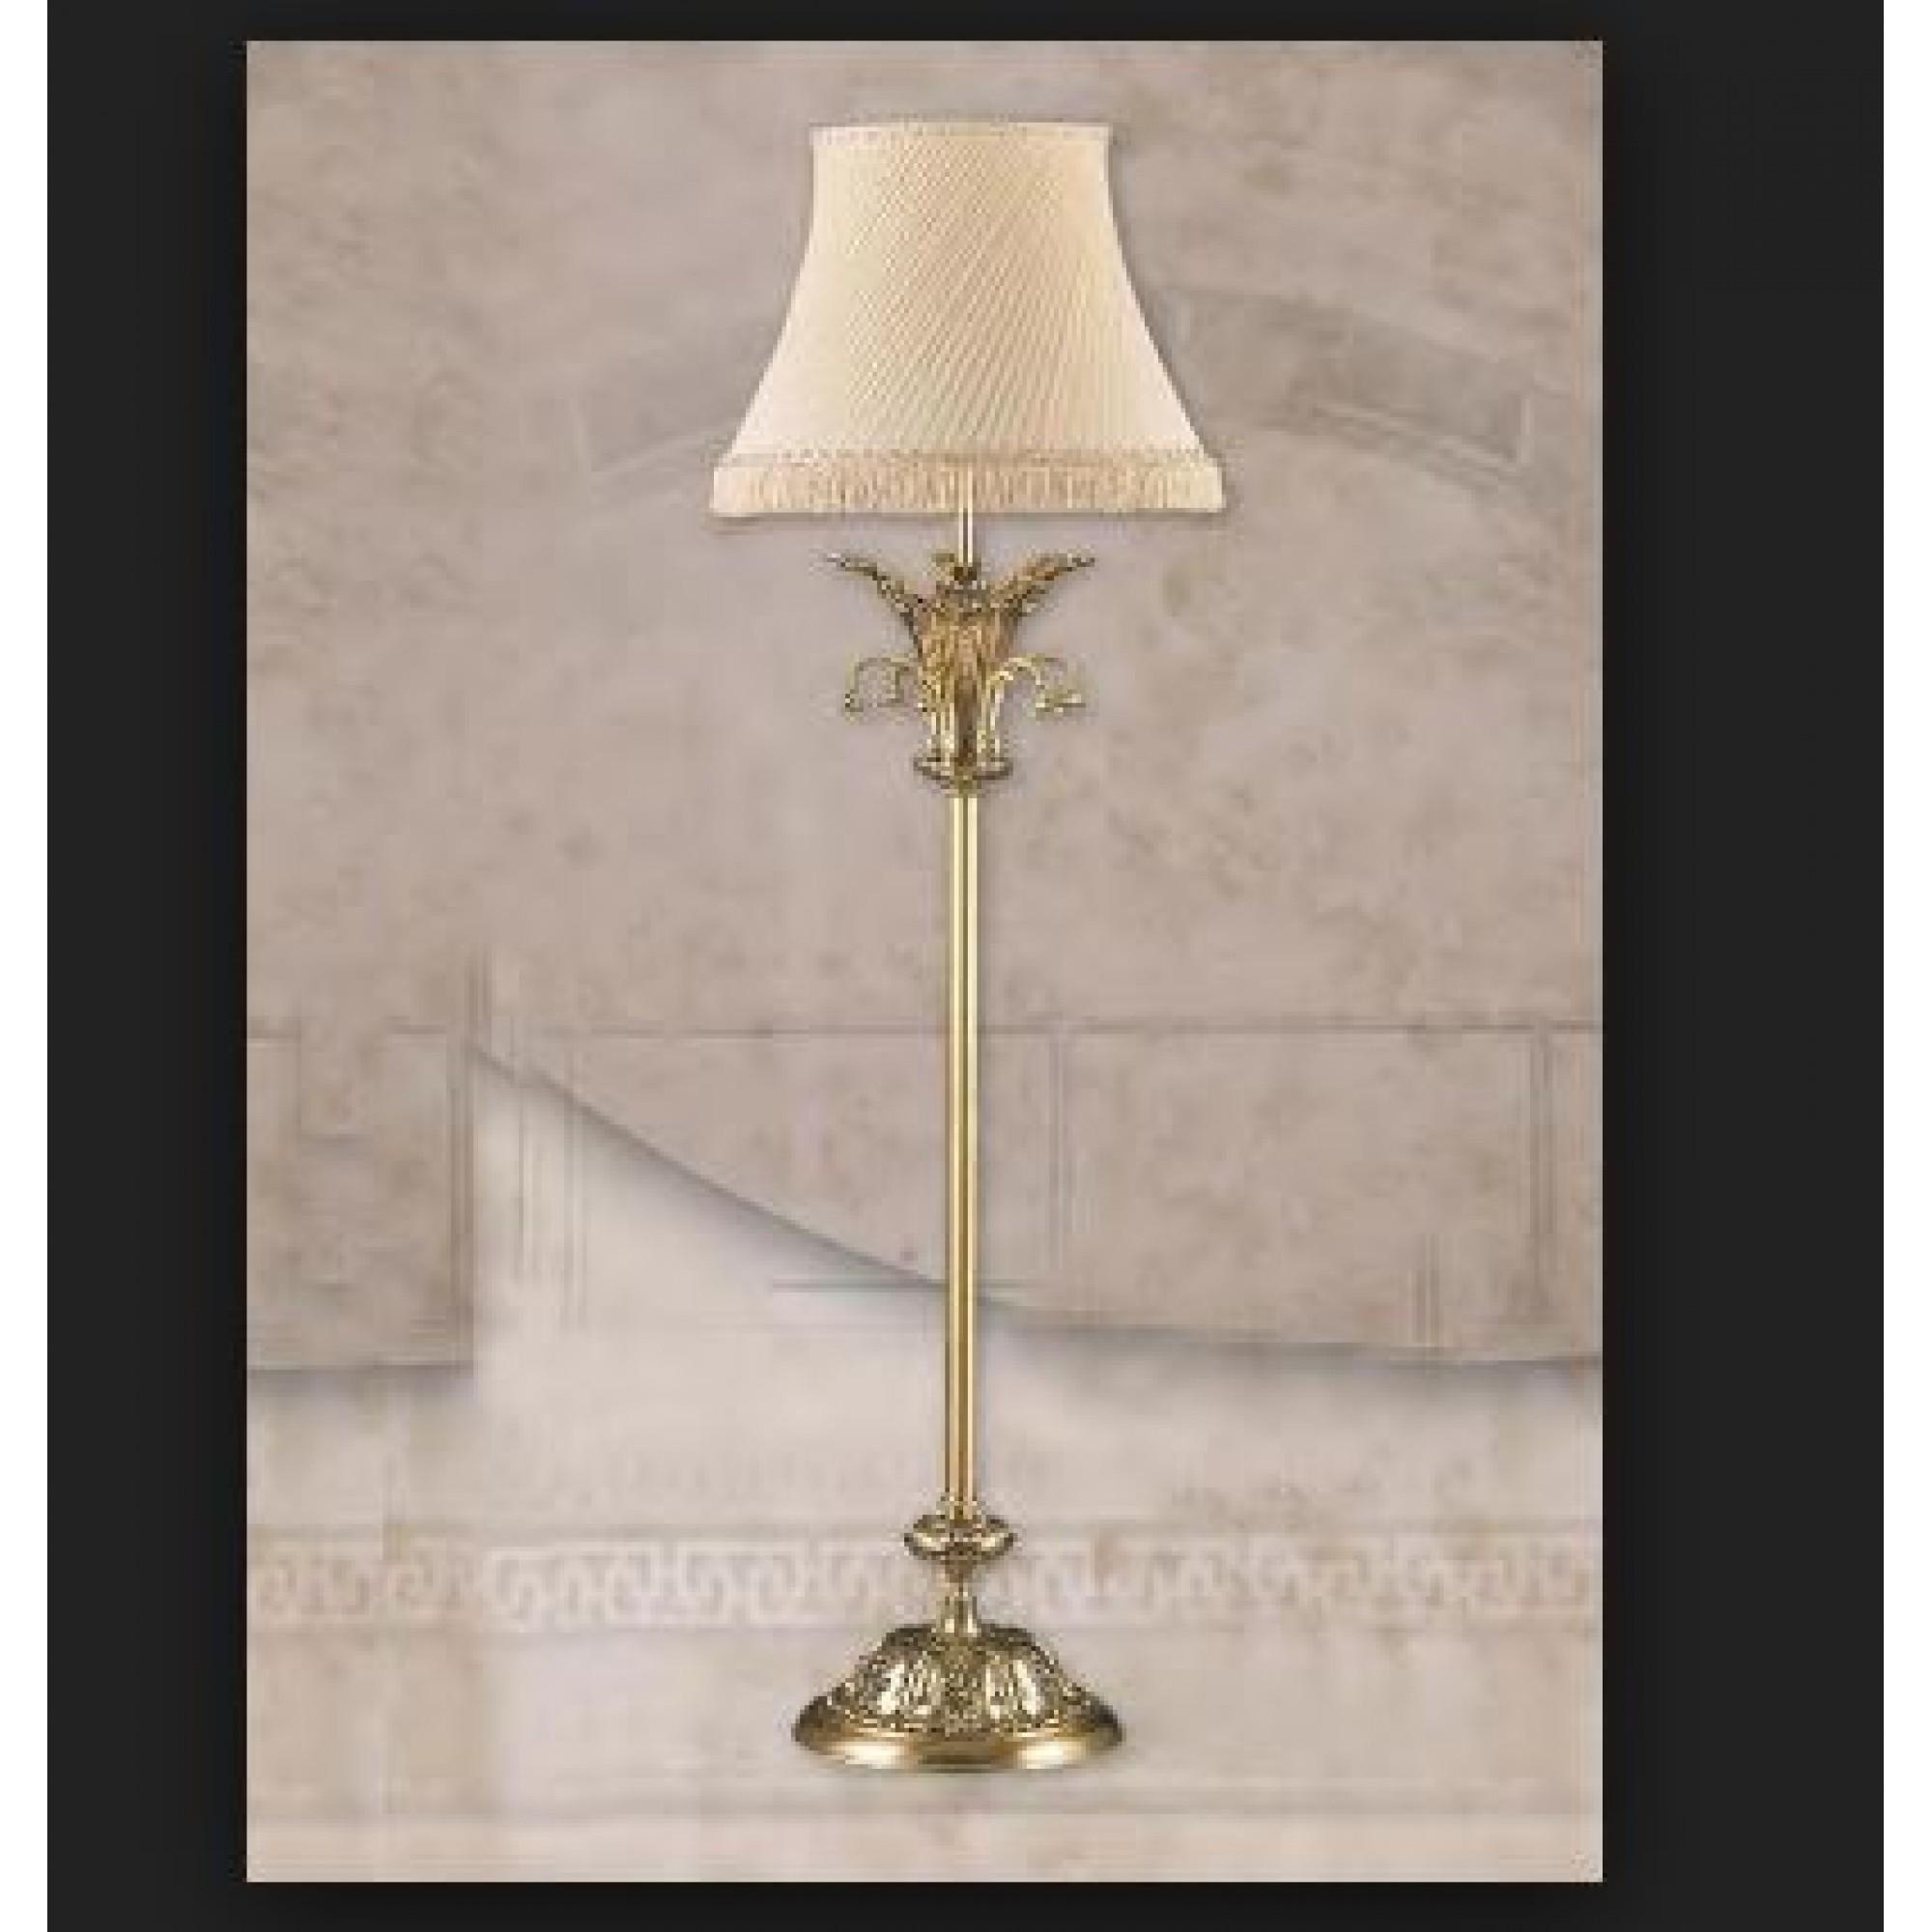 LAMBADER 1L Q:50cm H:165cm  AB - Klasik -  RIPERLAMP